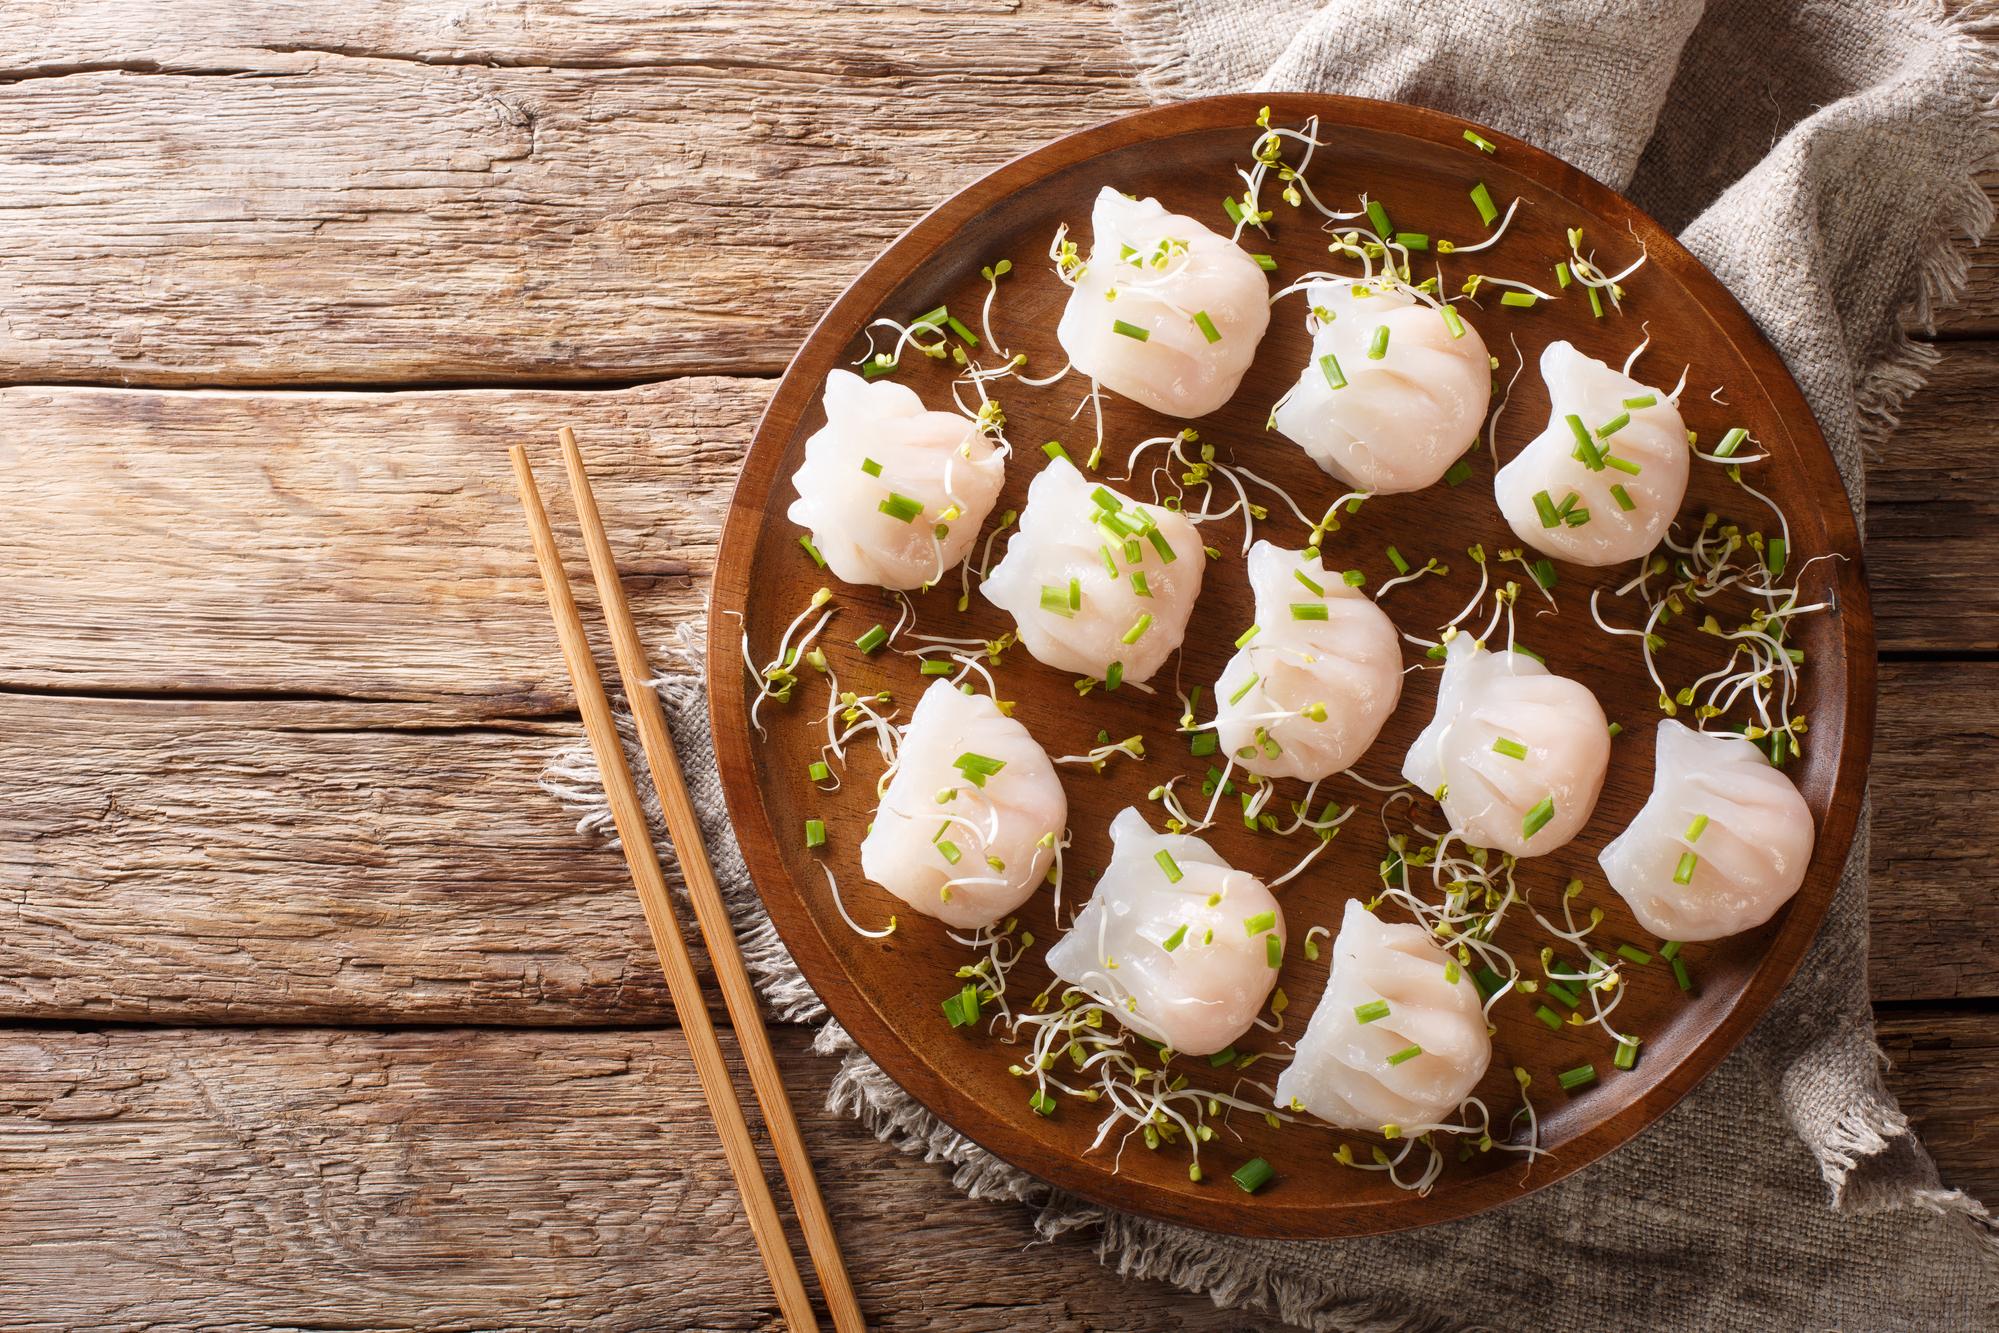 Dumplings just got better